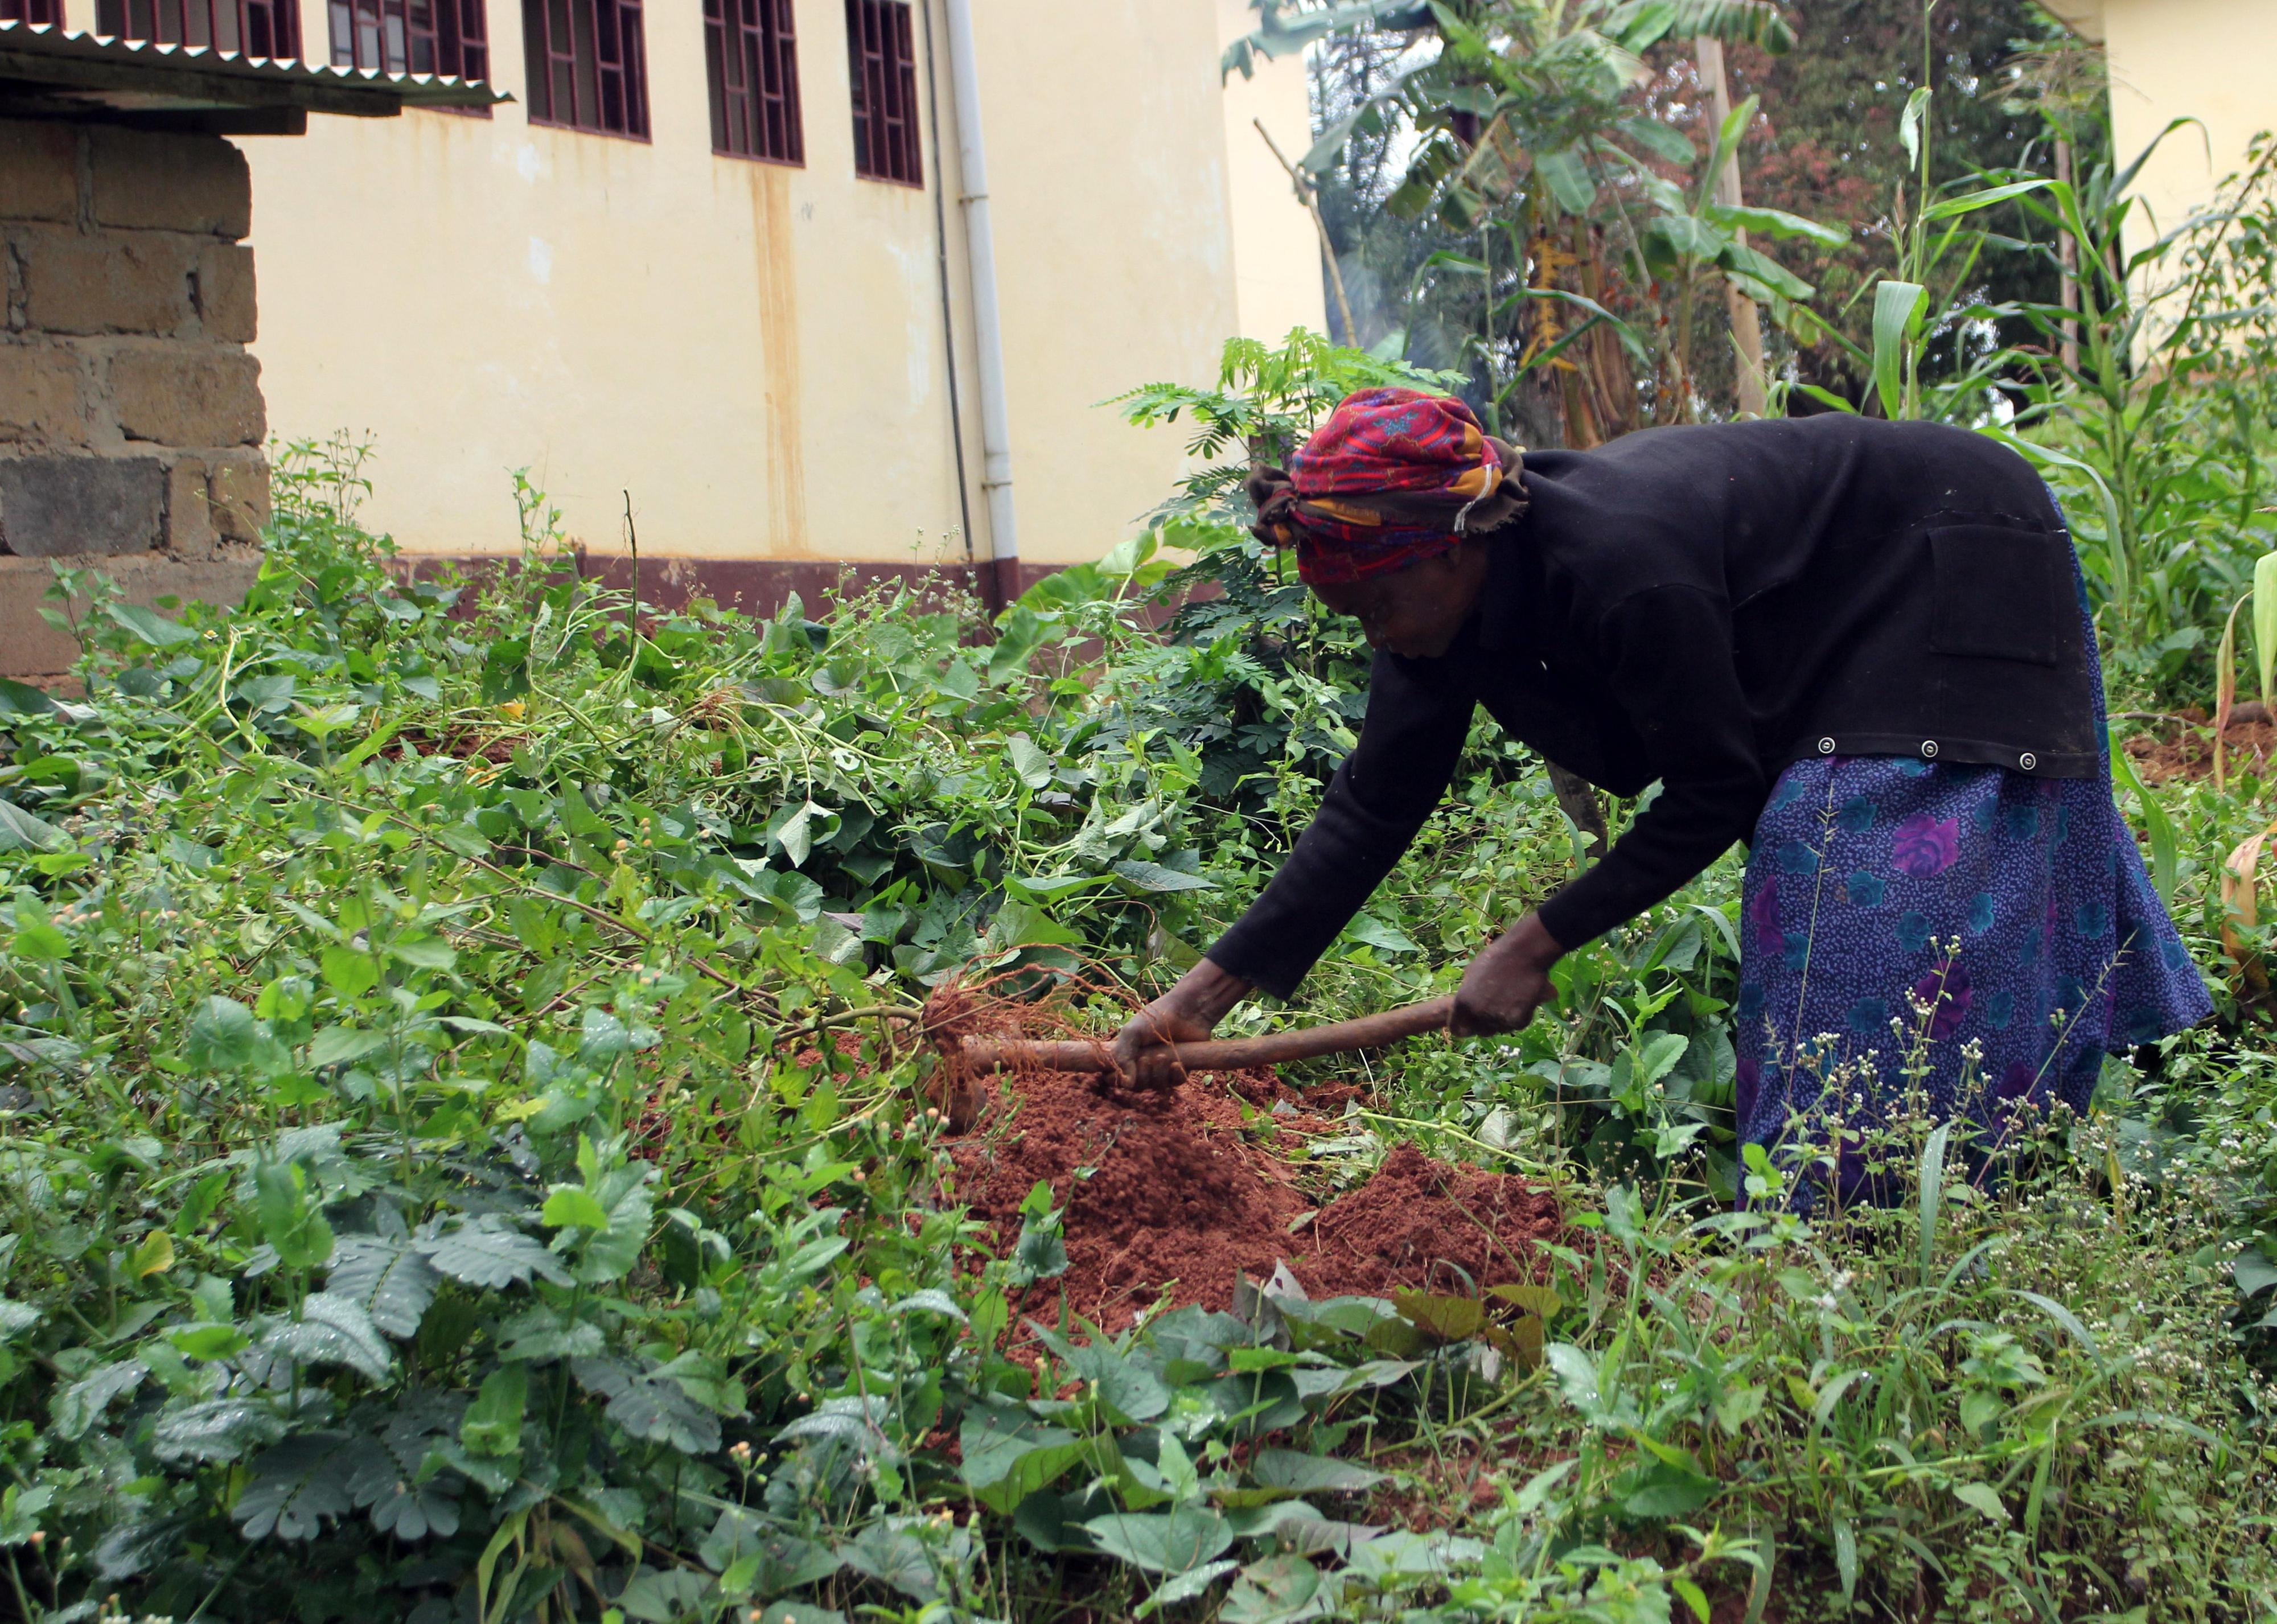 Yams-Ernte auf einer kleinen Farm in Bafia, Kamerun